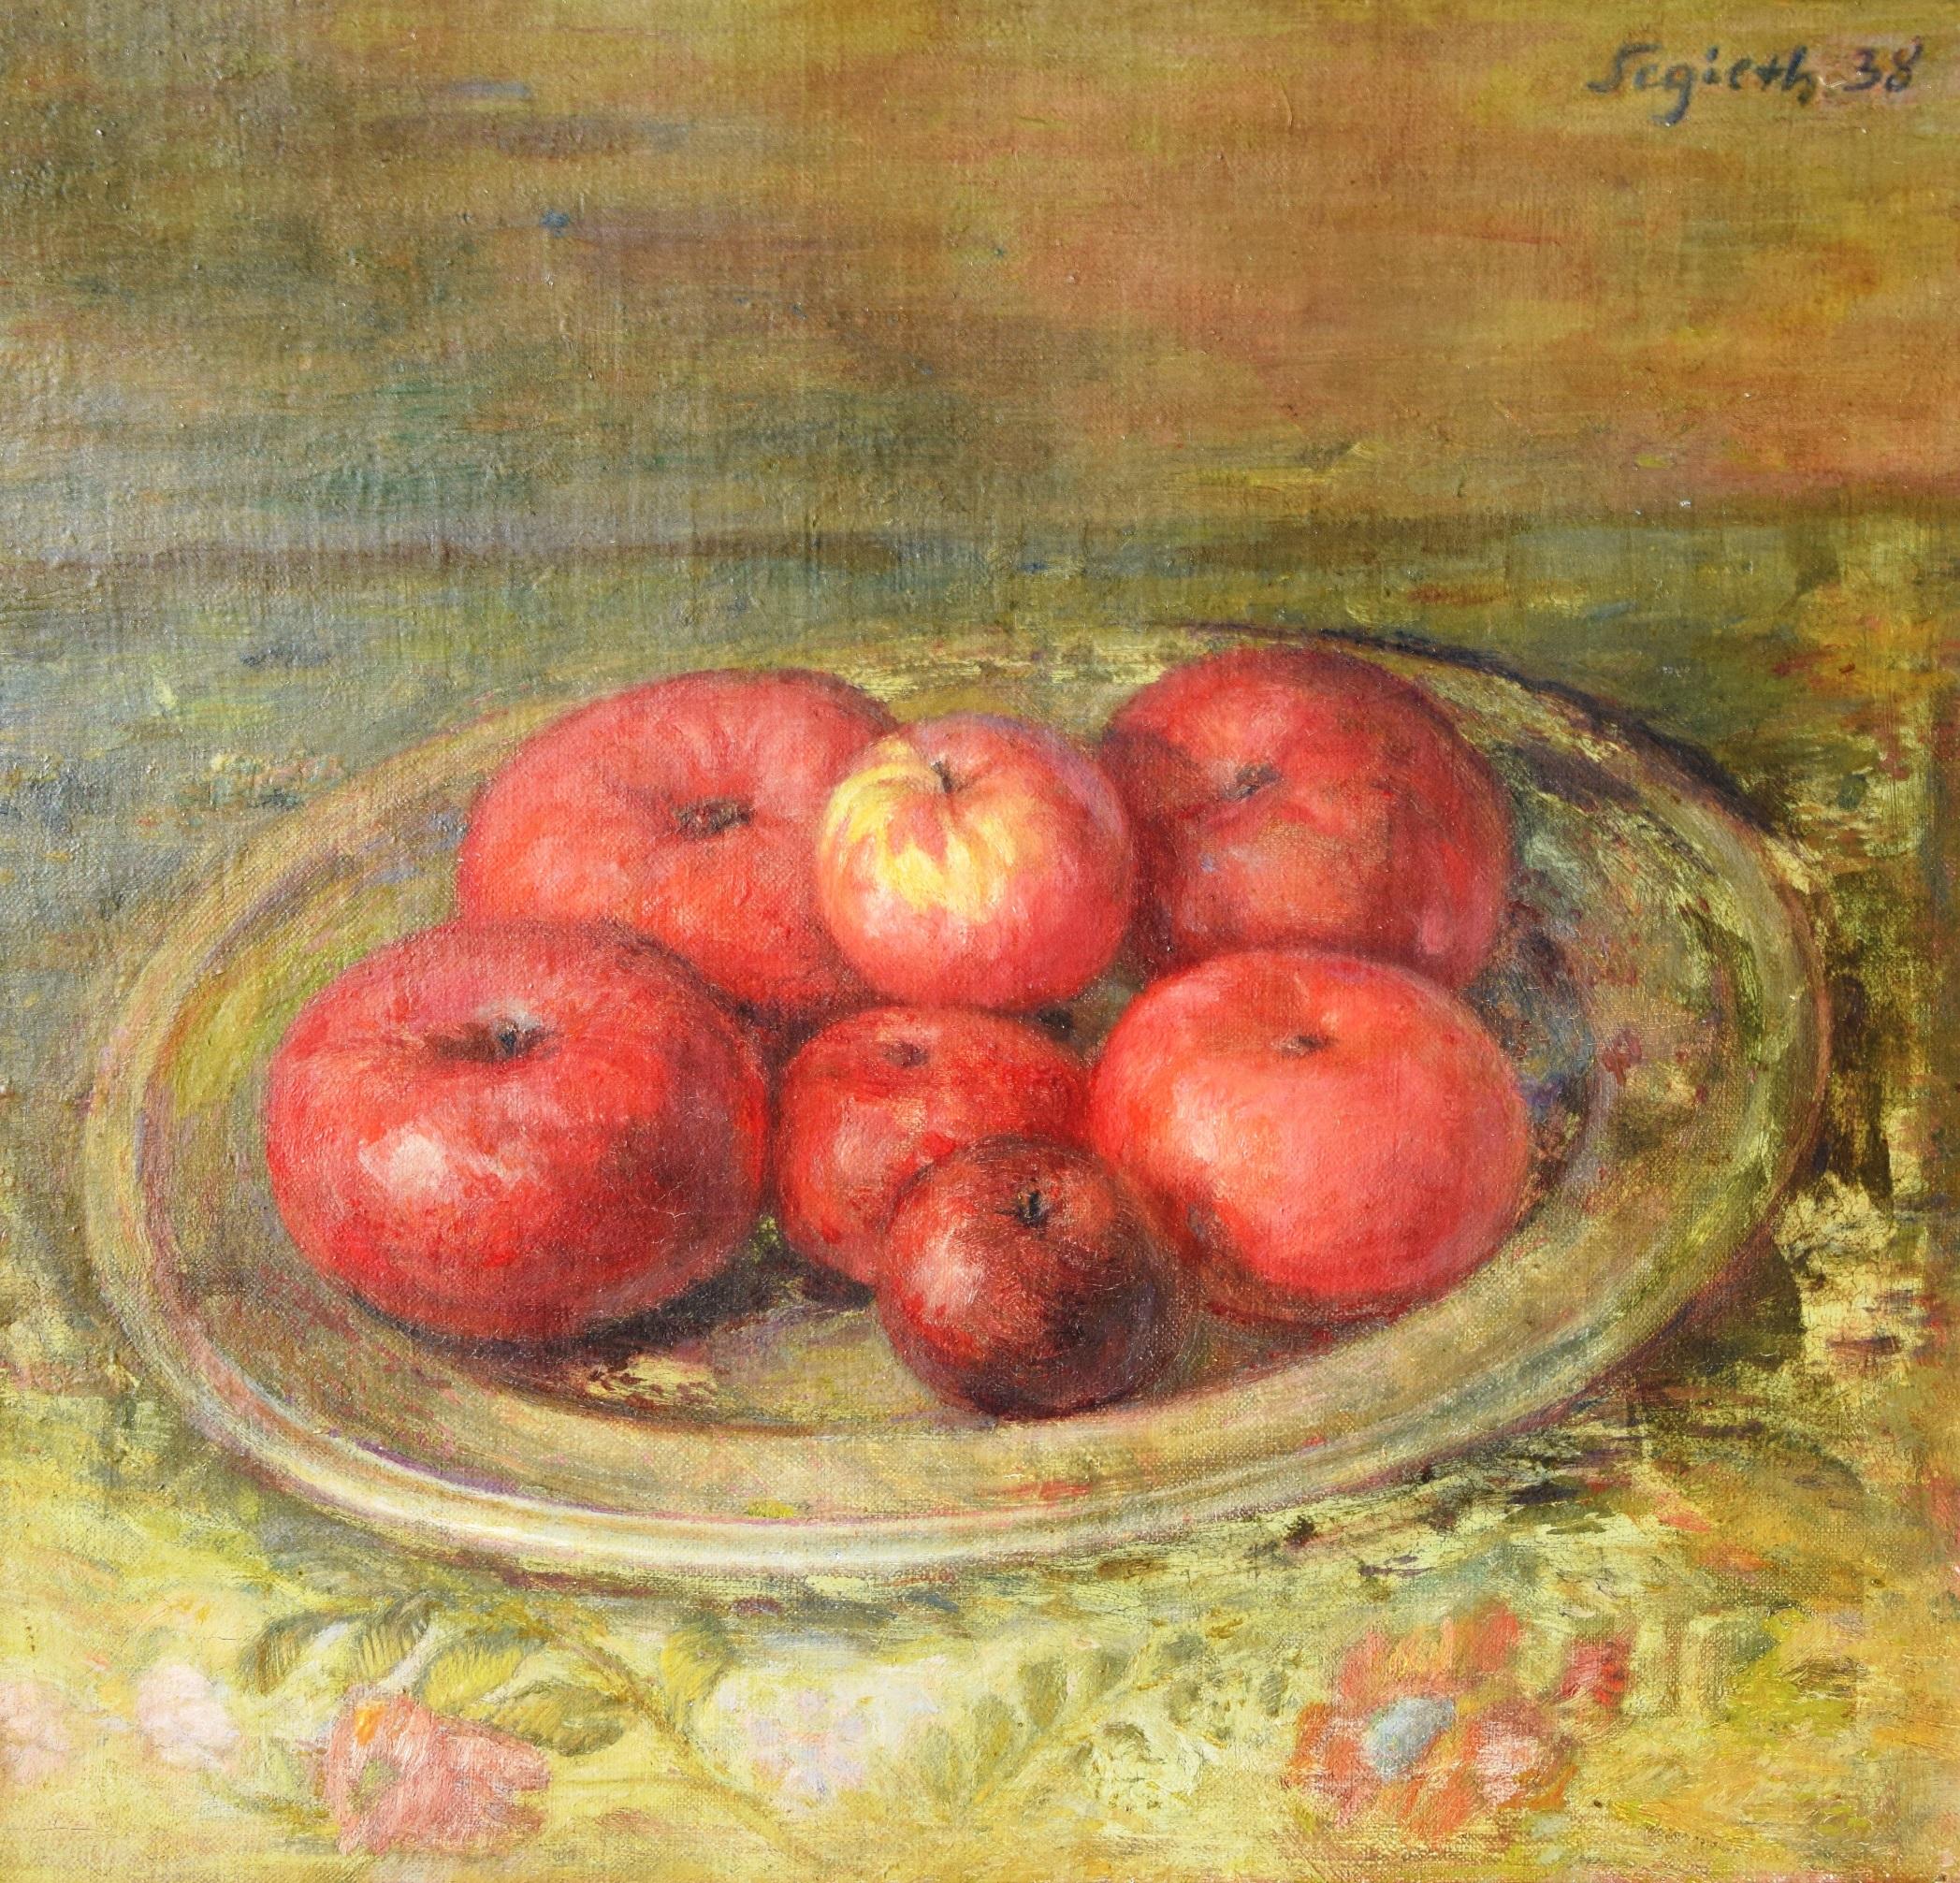 Paul Segieth: Stillleben mit einer Schale Äpfel auf einem Tisch (Großbild)